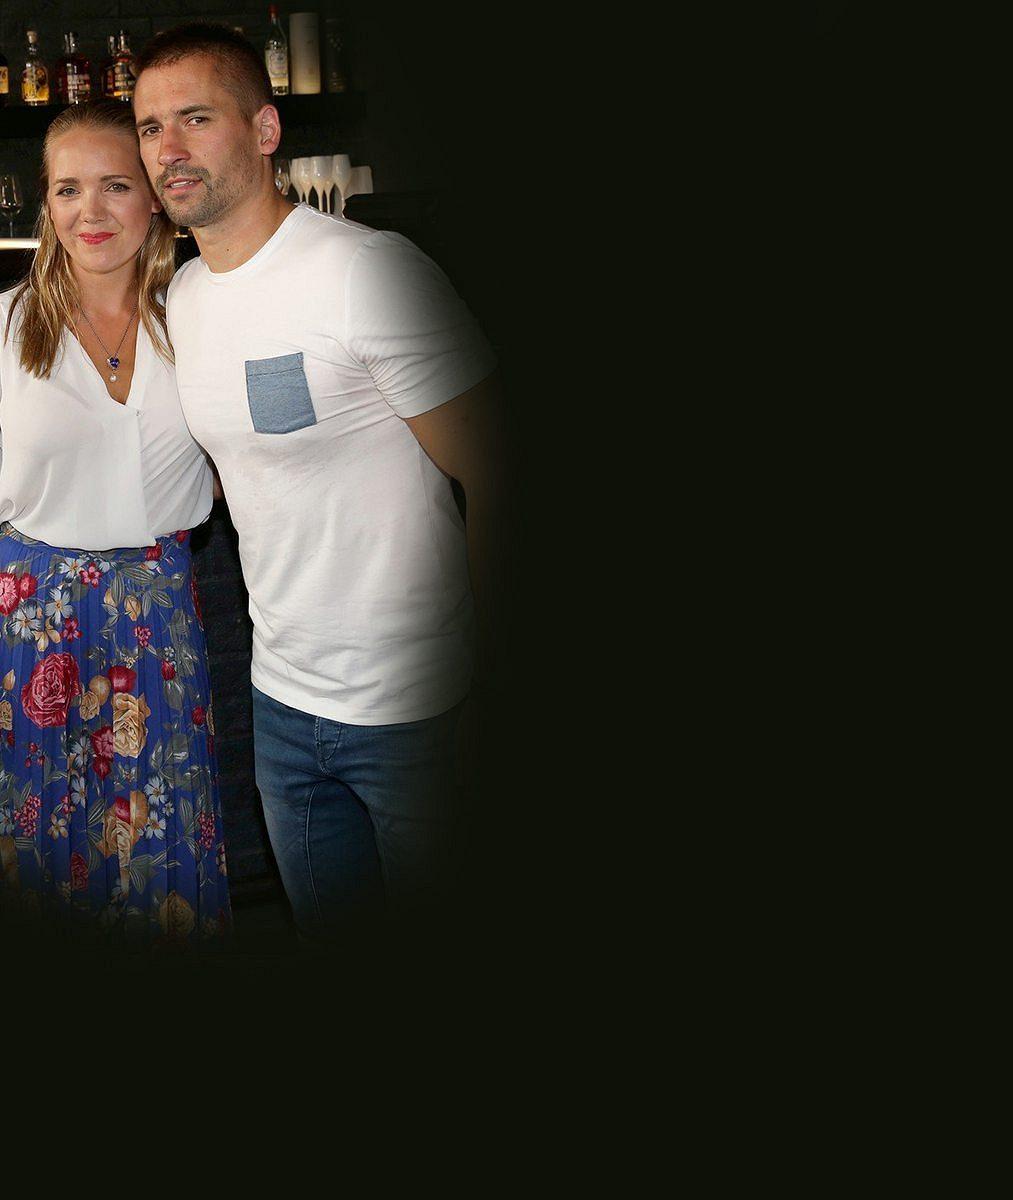 Konečně světlá chvilka u Vondráčkové s Plekancem: Došlo k první dohodě mezi manželi!